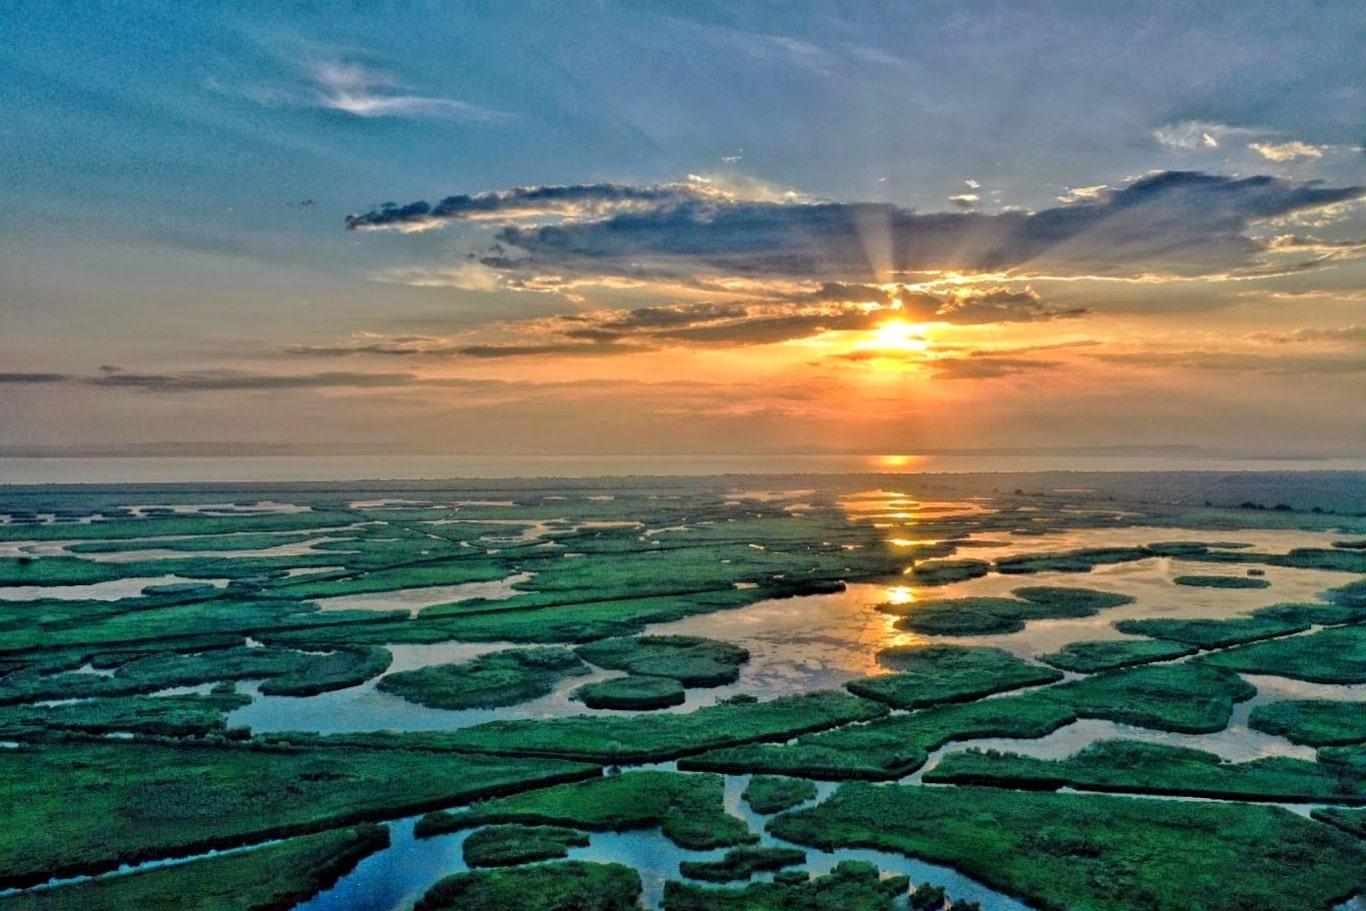 Excursiile de o zi în Delta Dunării afectează păsările și sunt catastrofale pentru mediu